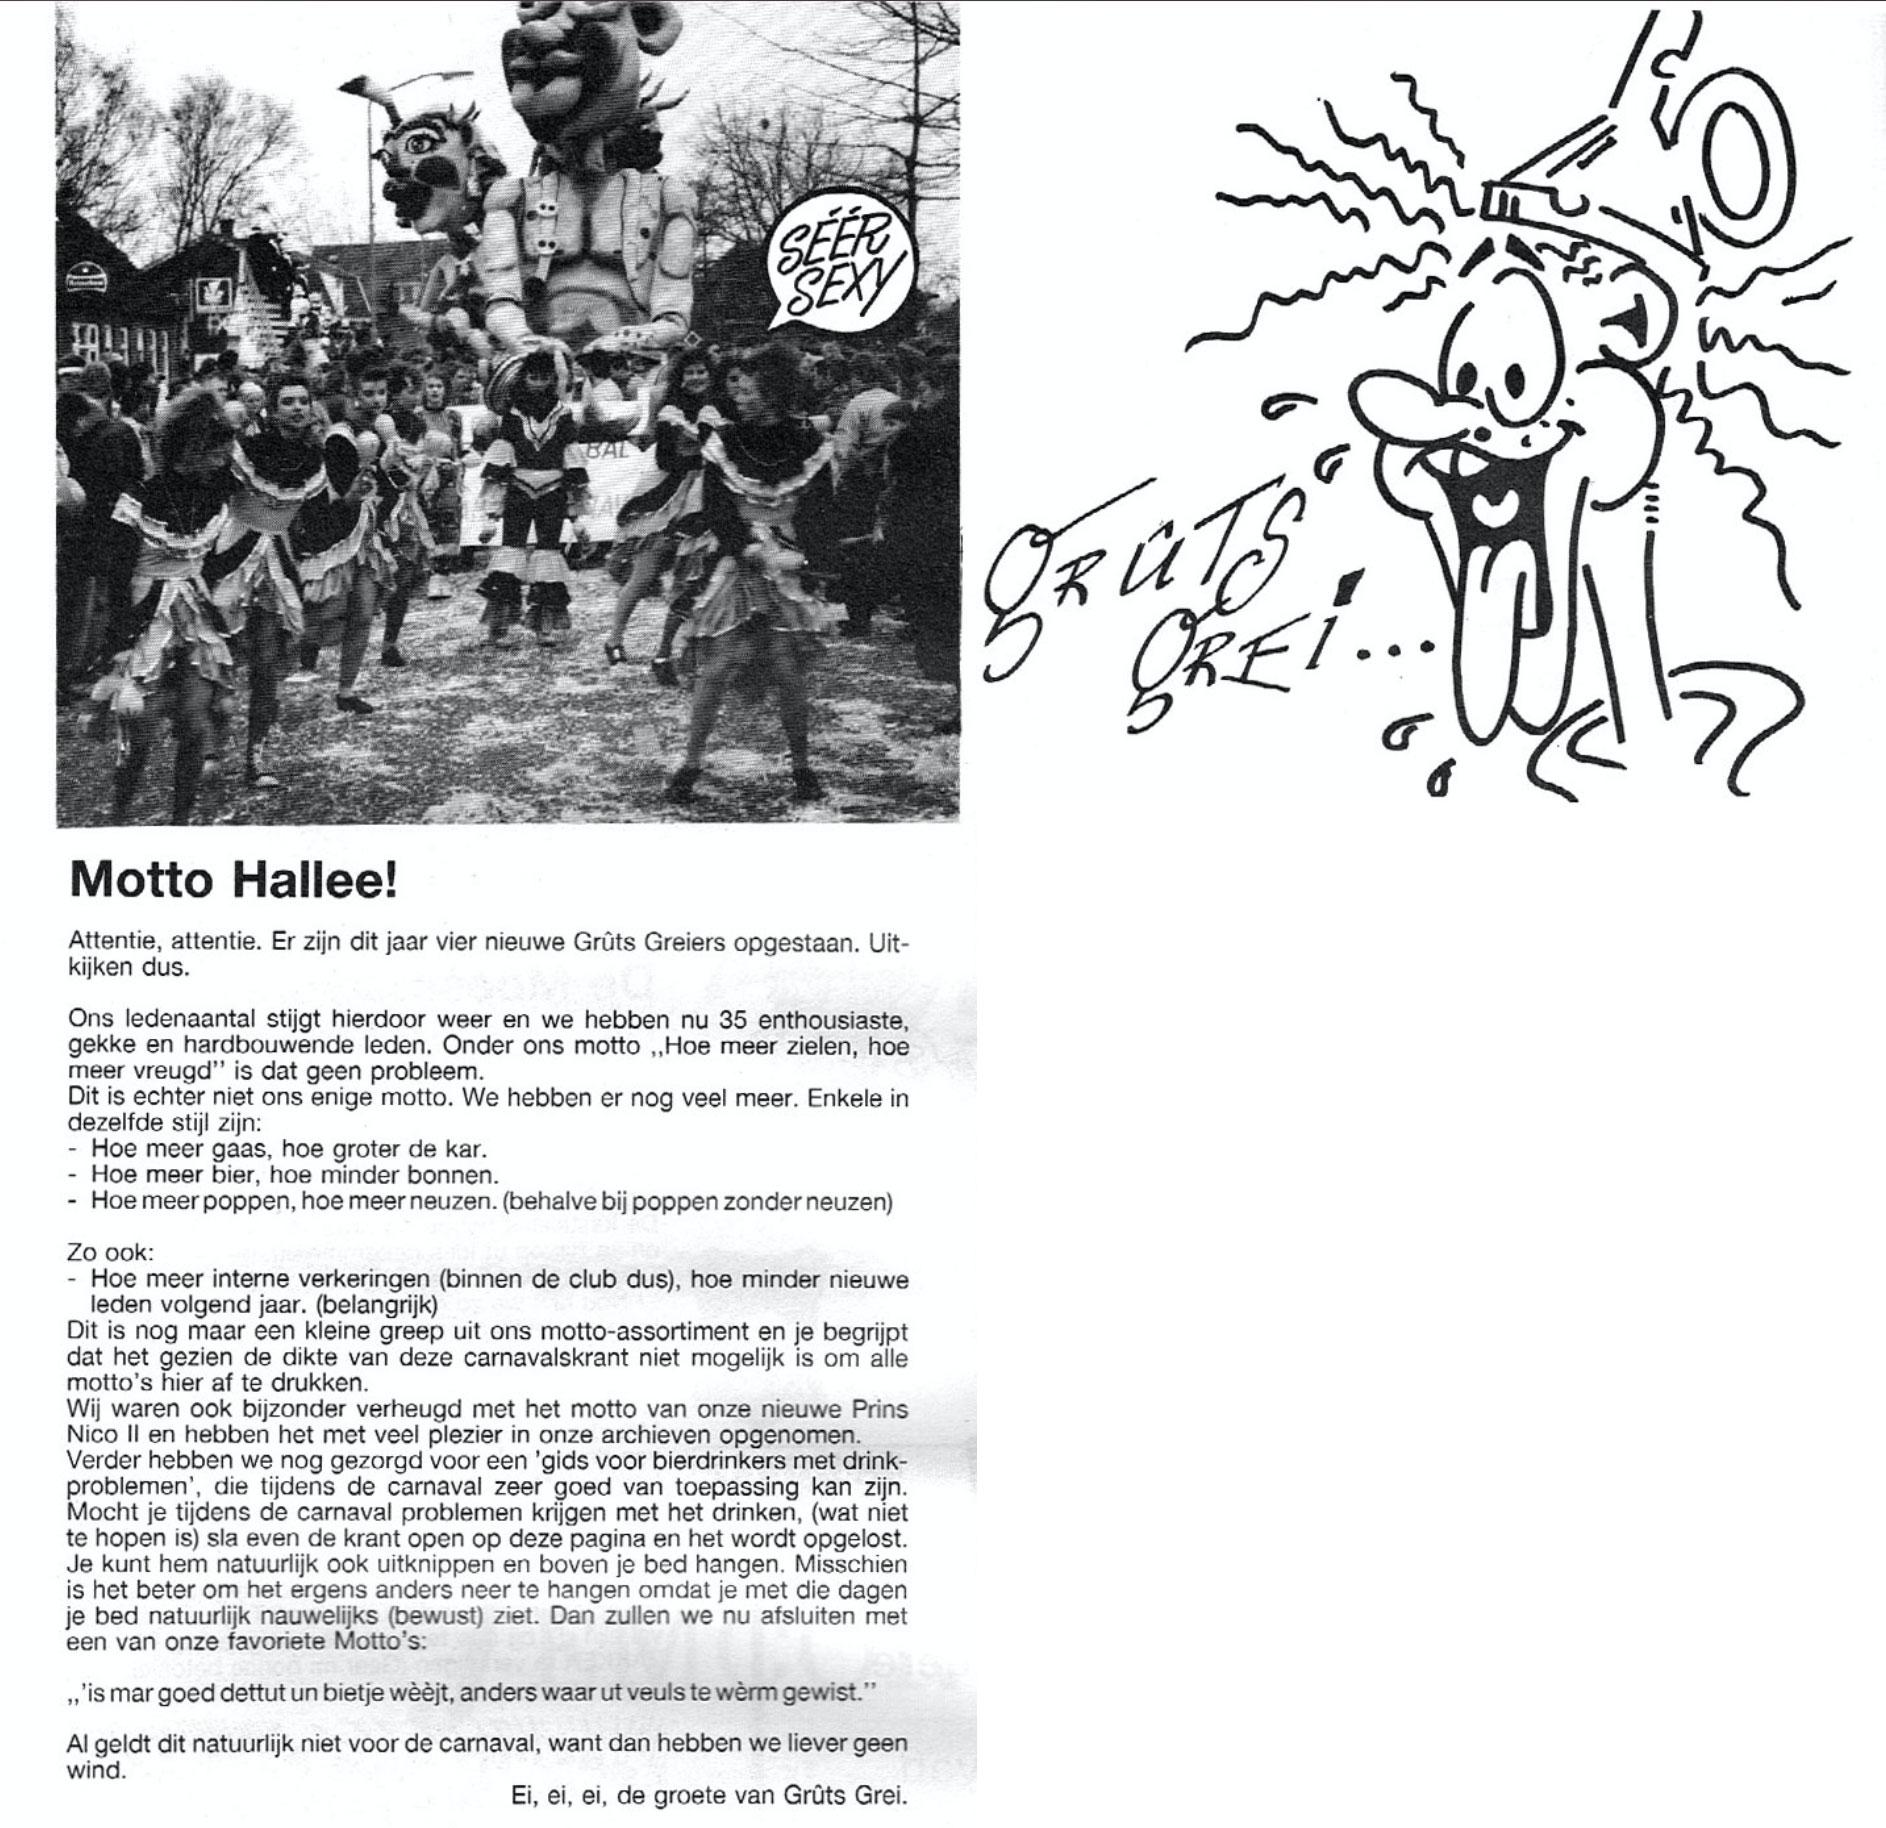 Stukje uit de carnavalskrant van Gruts Grei - 1991